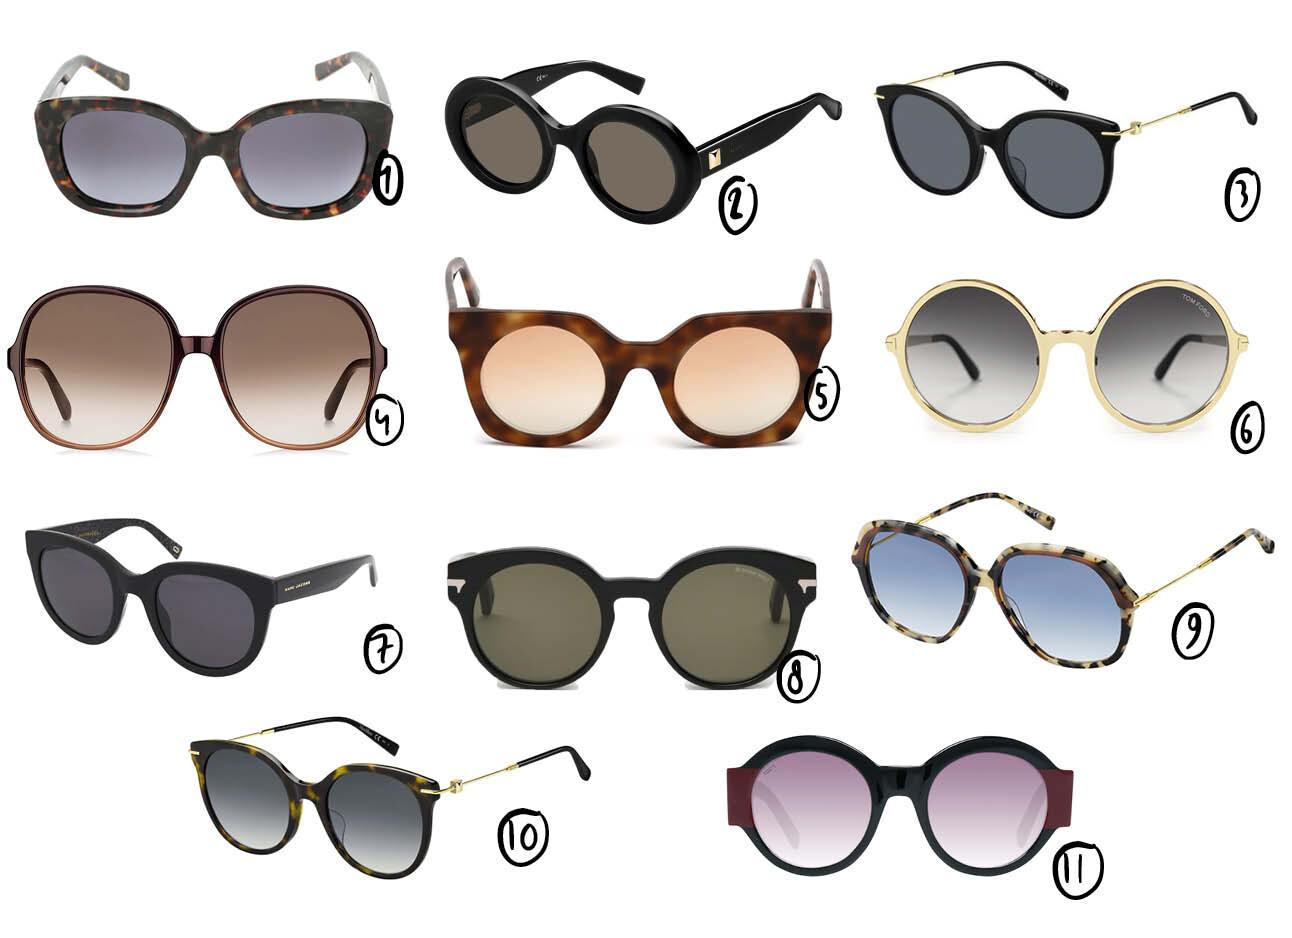 Designerbrillen voor een prikkieprijsje